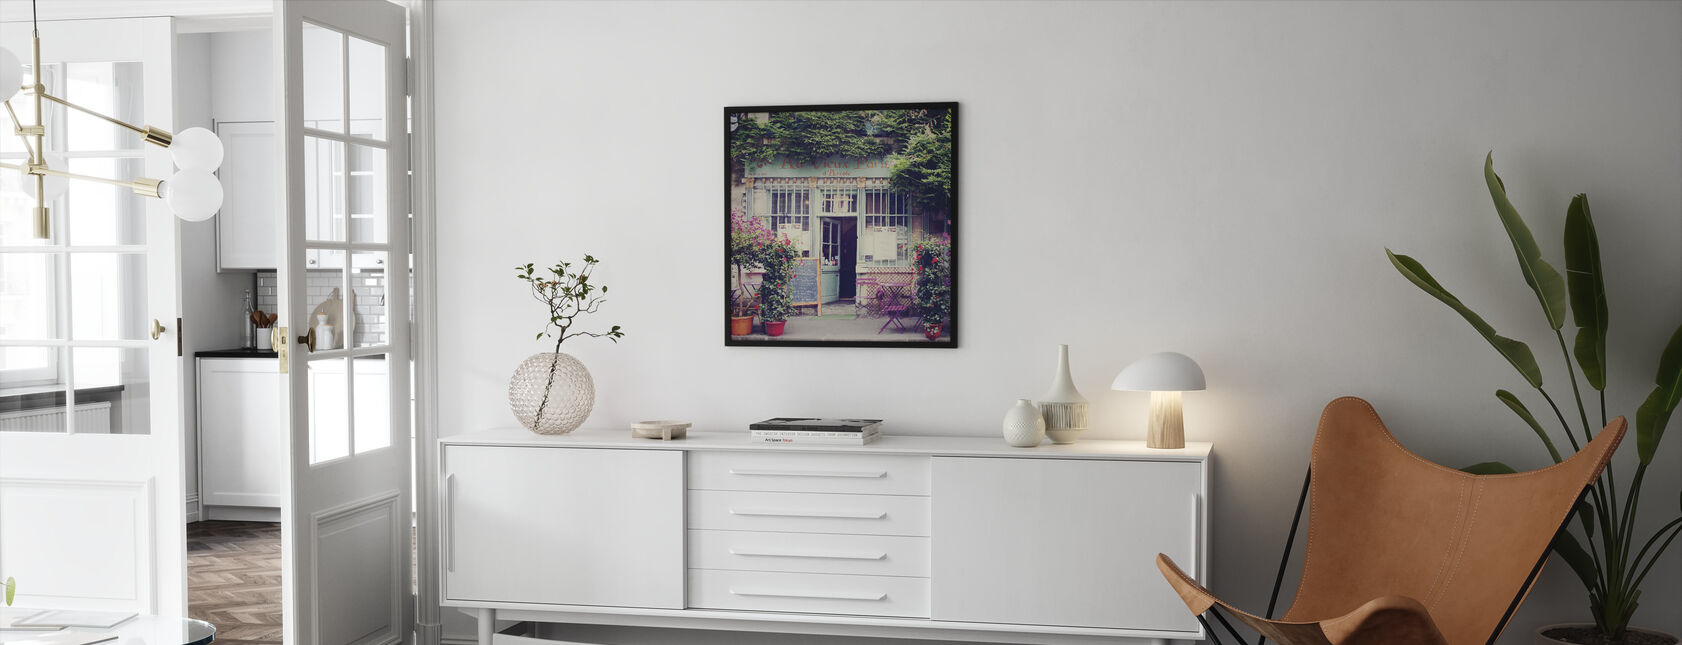 Im Alten Paris - Gerahmtes bild - Wohnzimmer